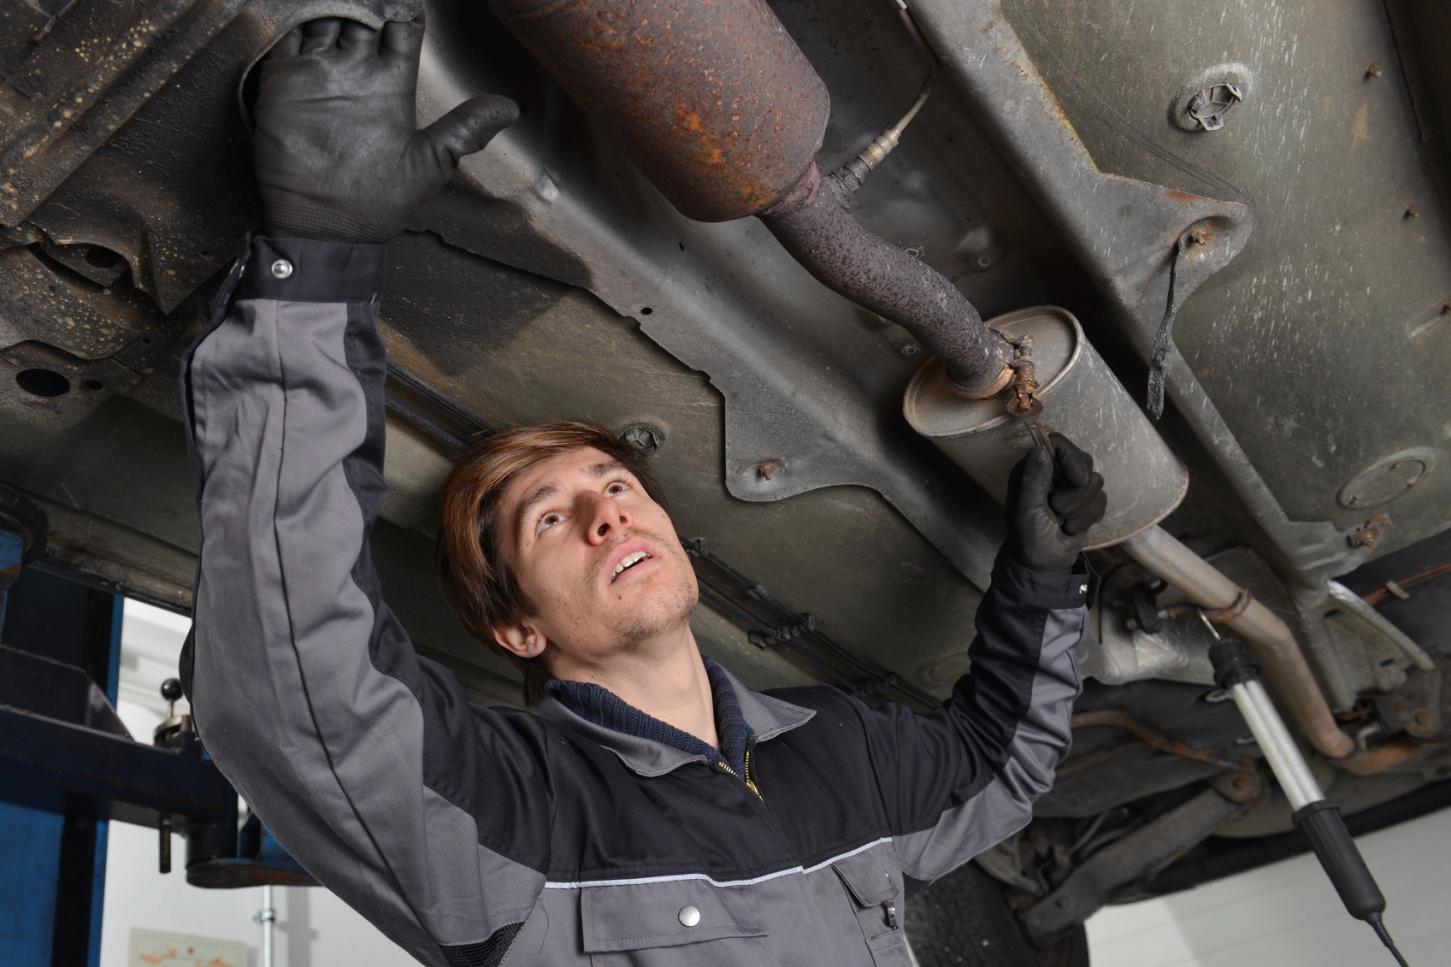 Système d'échappement: comment assurer un diagnostic efficace pour les étudiants en mécanique auto